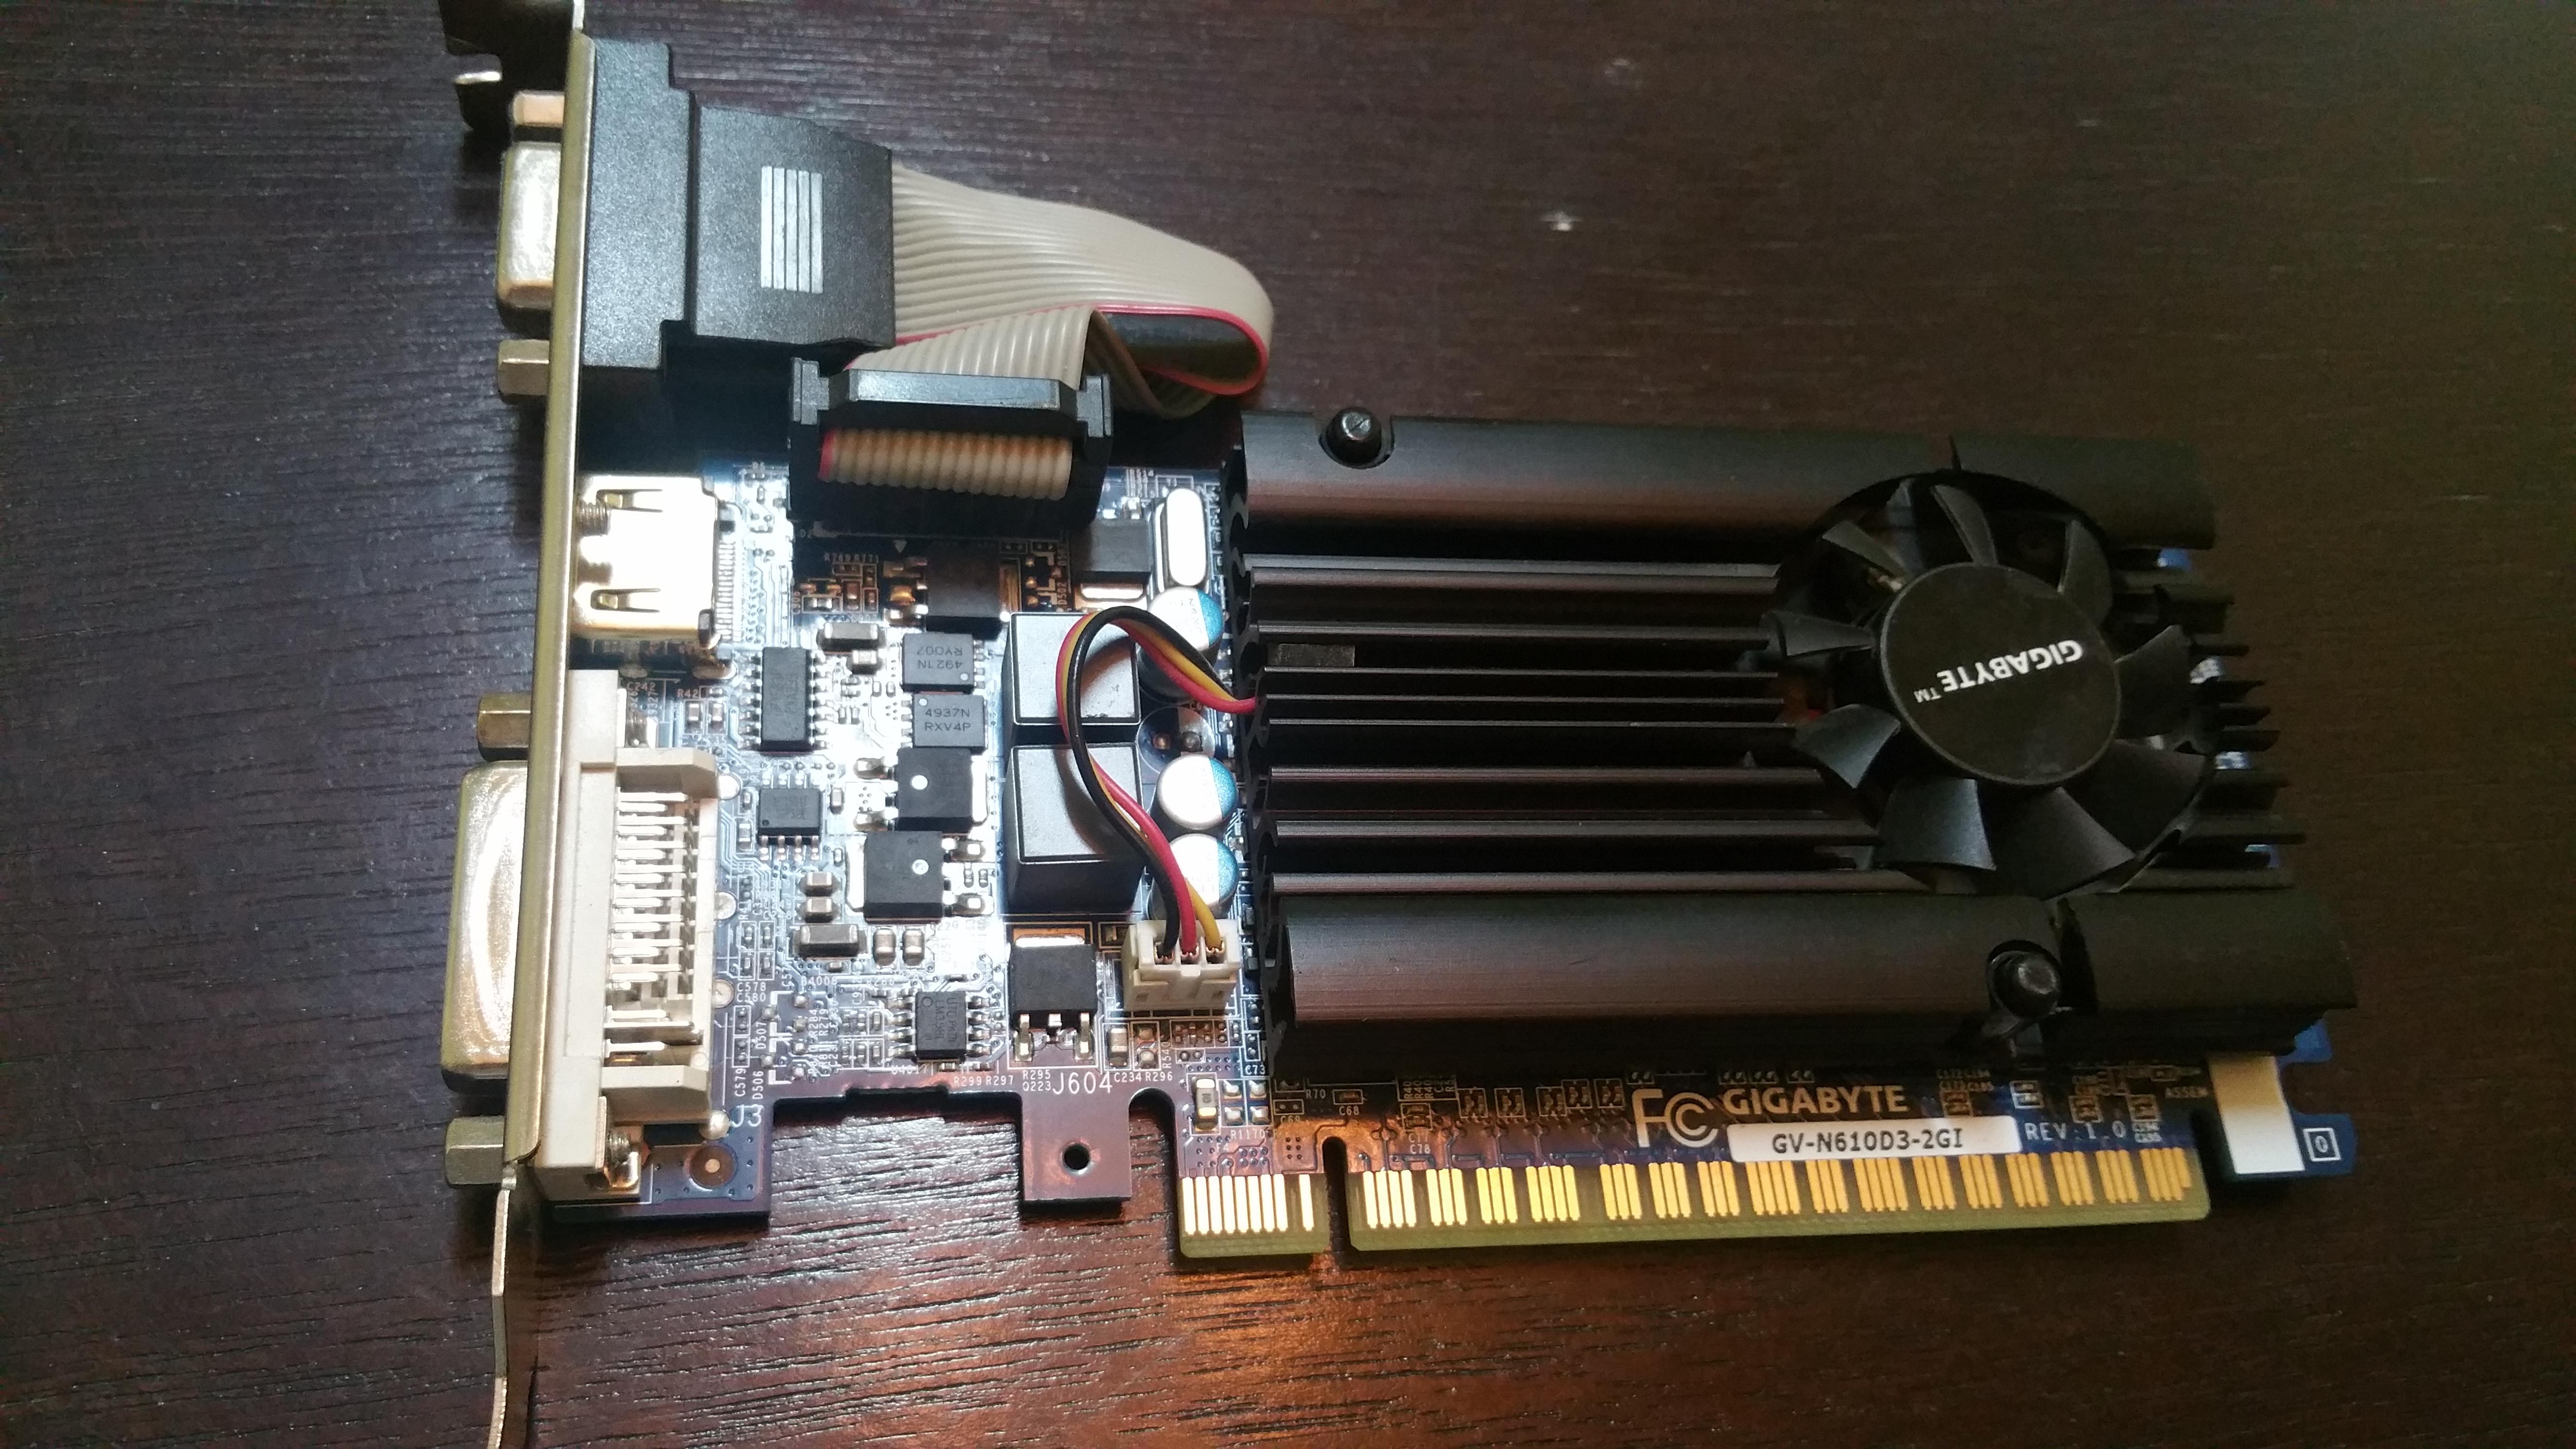 السلام عليكم. بدء العام مع قرض بأسعار معقولة دون إجهاد.هل تحتاج إلى تمويل لأغراض شخصيه أ�-  Graphics Card GT610 2GB...